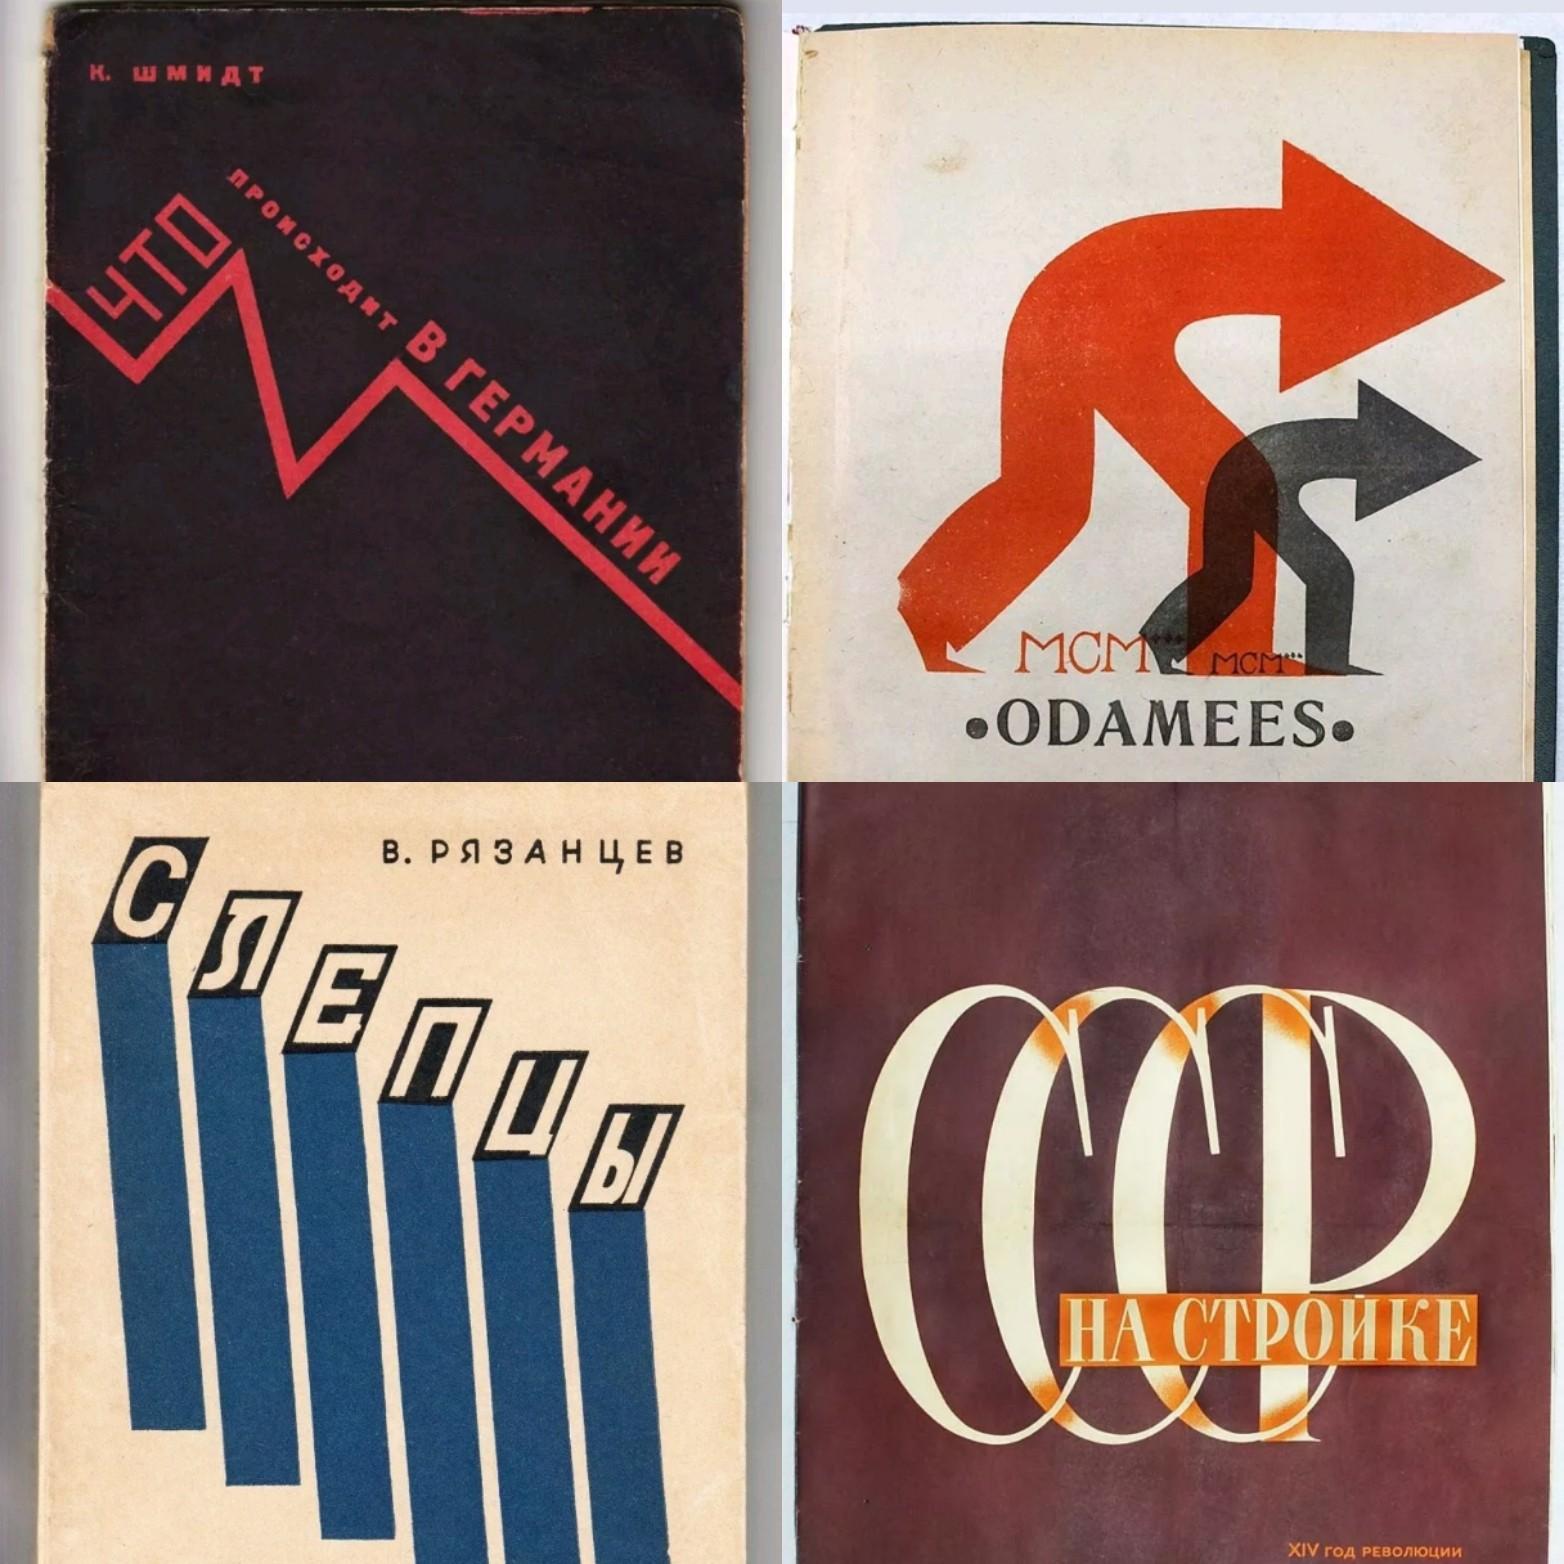 L'Avant-garde russa sovietica: quando il libro è per prima cosa copertina!